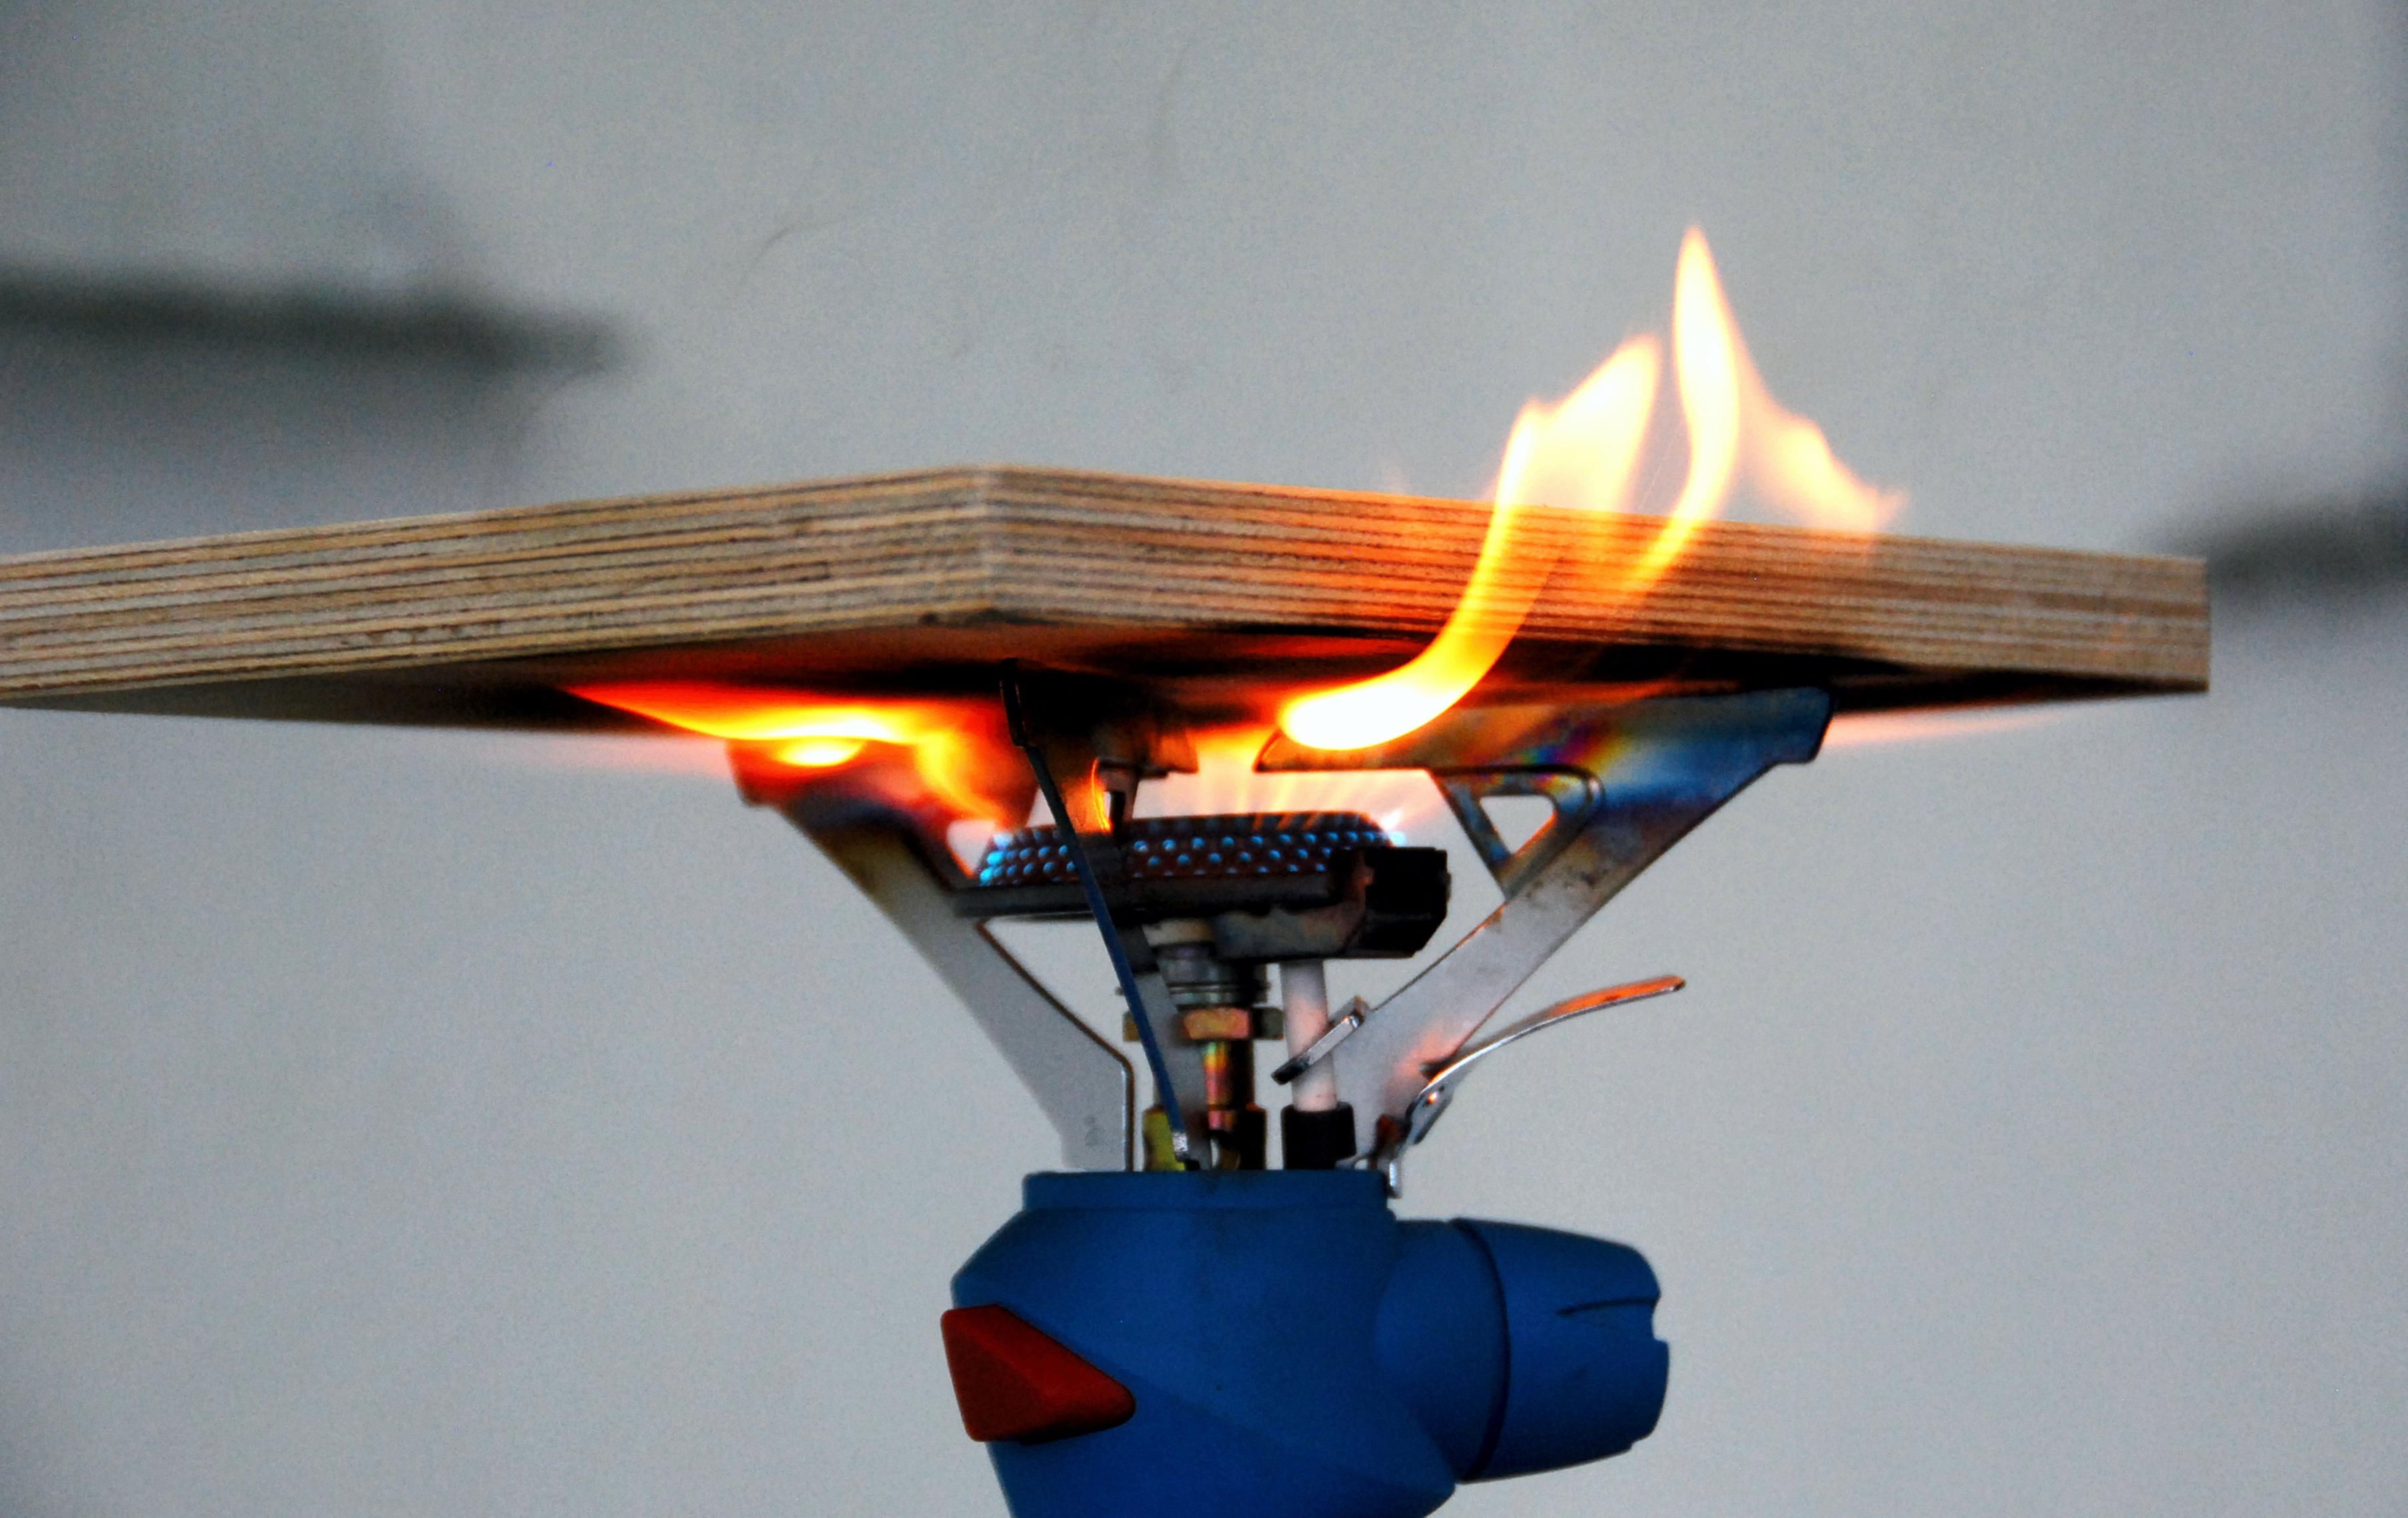 sklejka-eko-fire-protect-wyzszy-poziom-bezpieczenstwa-i-ochrony-przed-ogniem